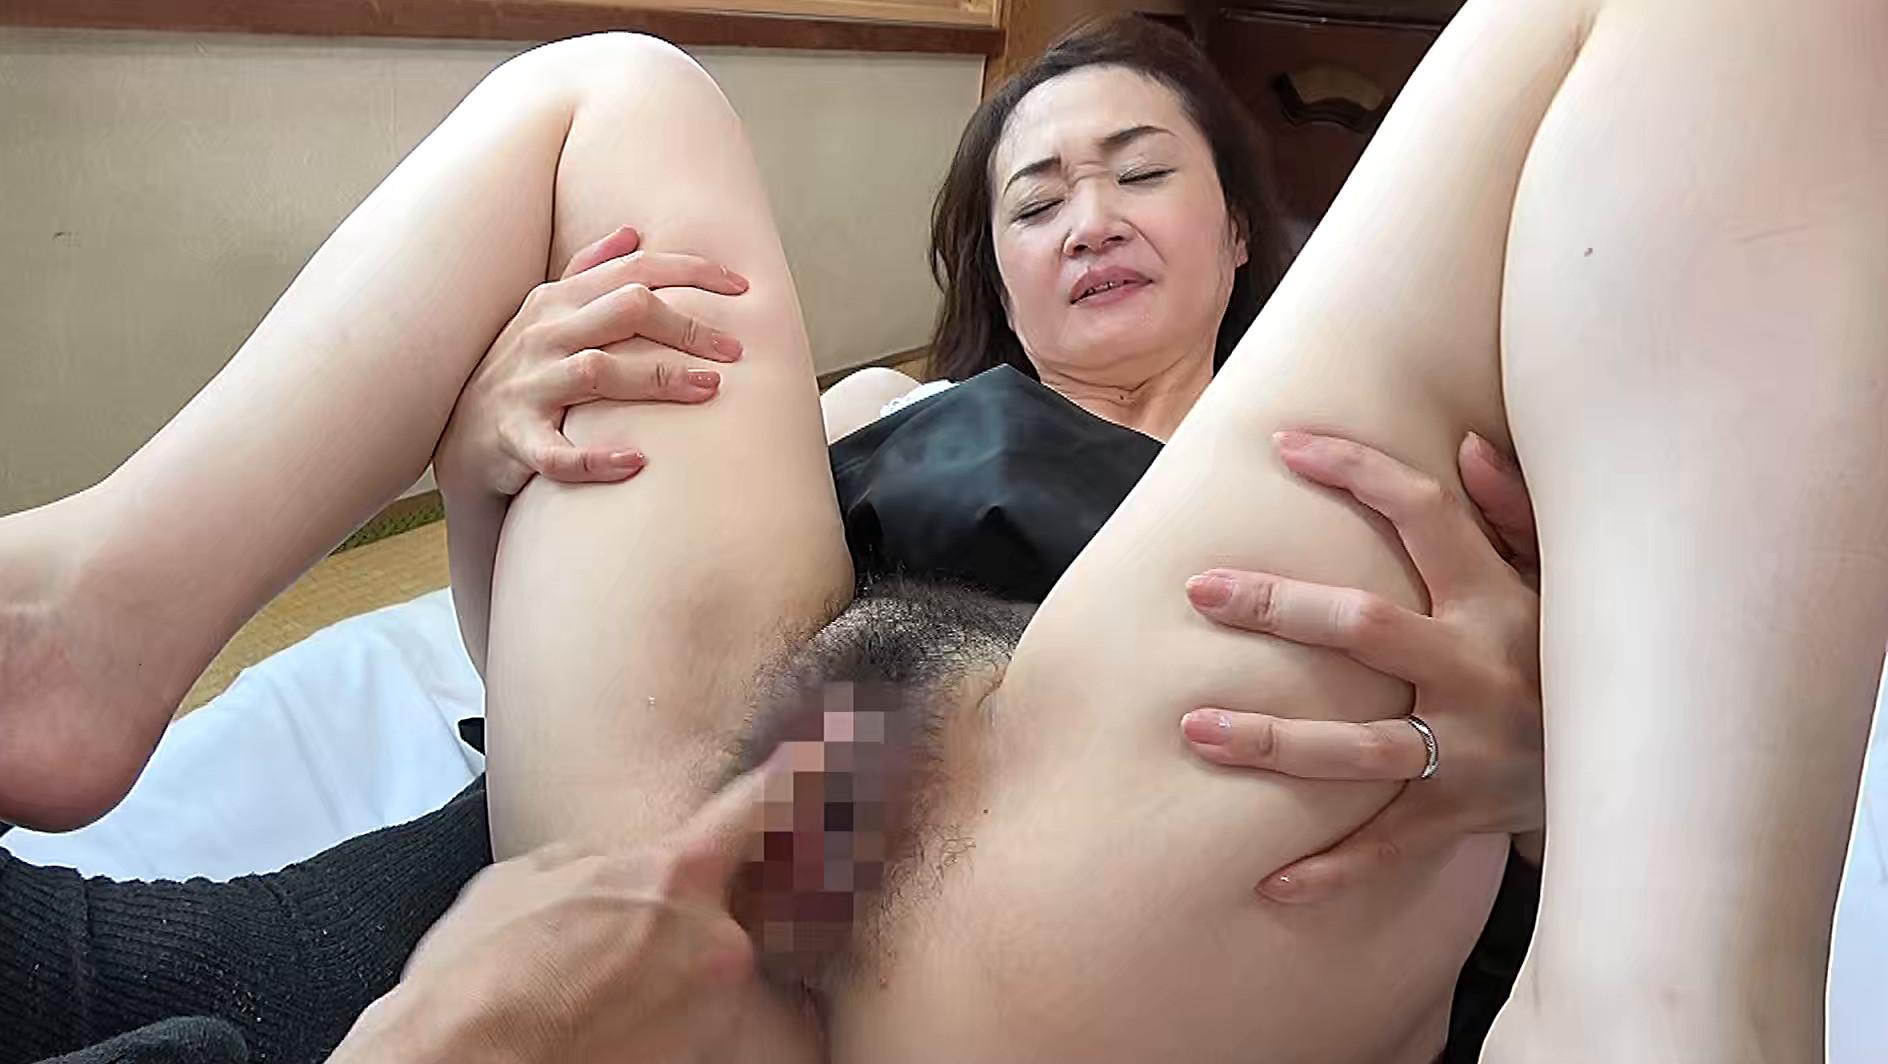 熟妻 夫の上司に体を弄ばれた清純妻 パソコンサービスの男に恥部をしつこく舐められた五十路妻 画像21